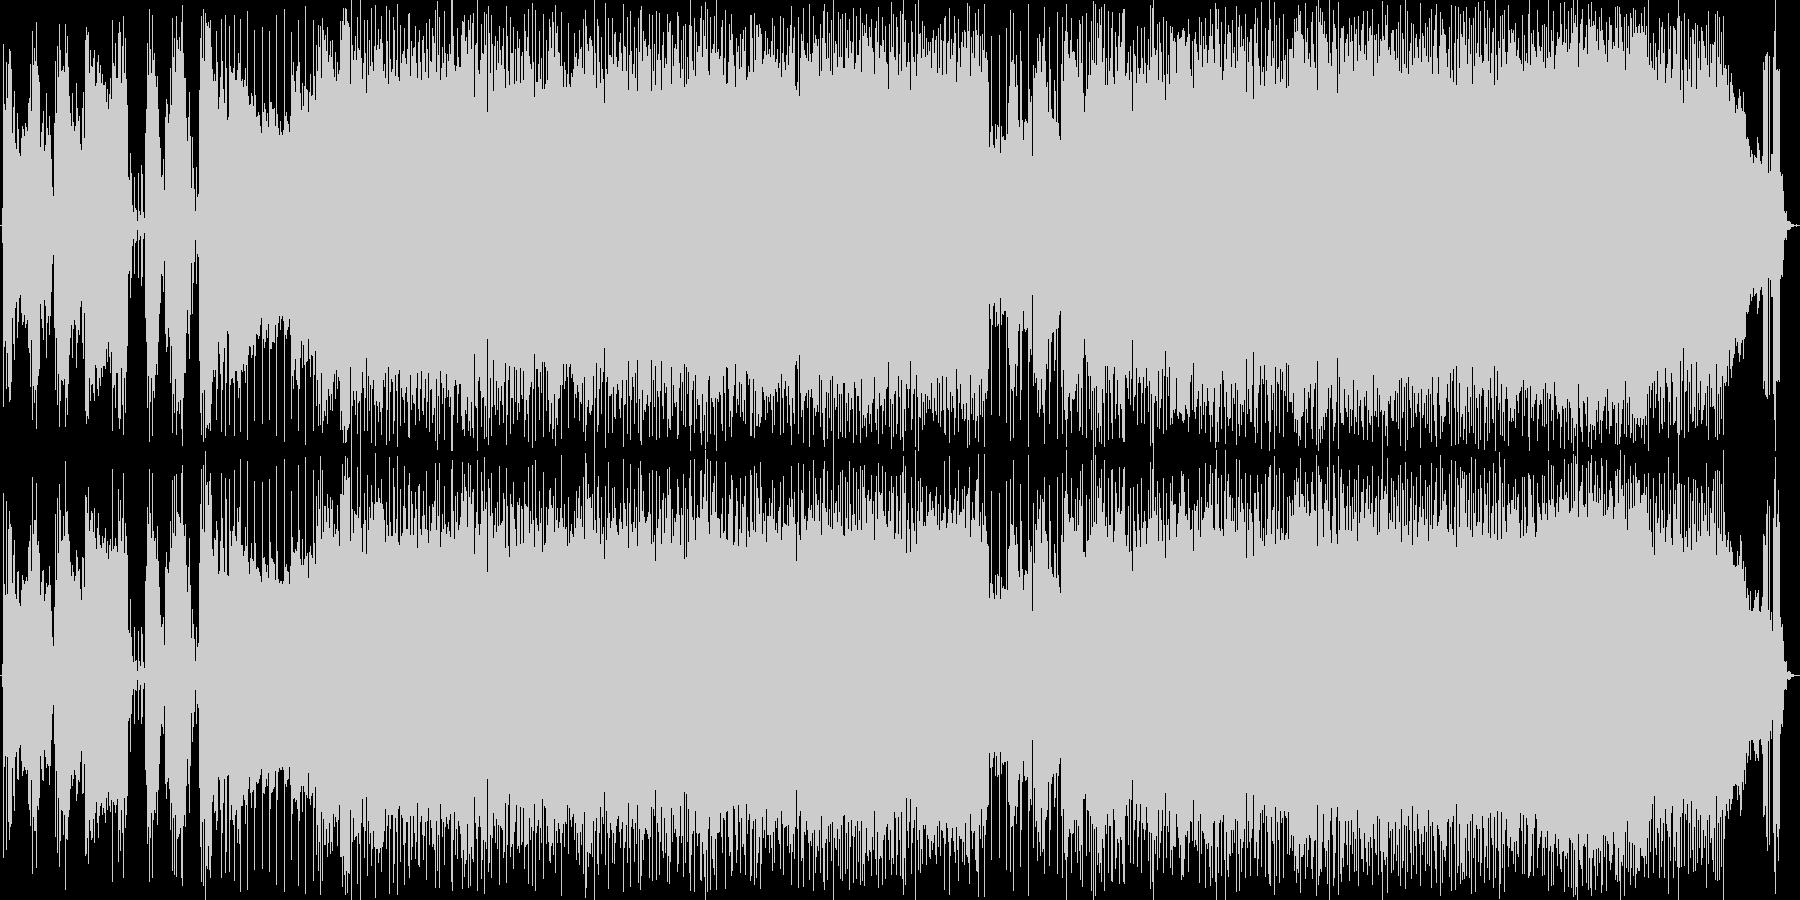 王道的なハードロックBGMの未再生の波形